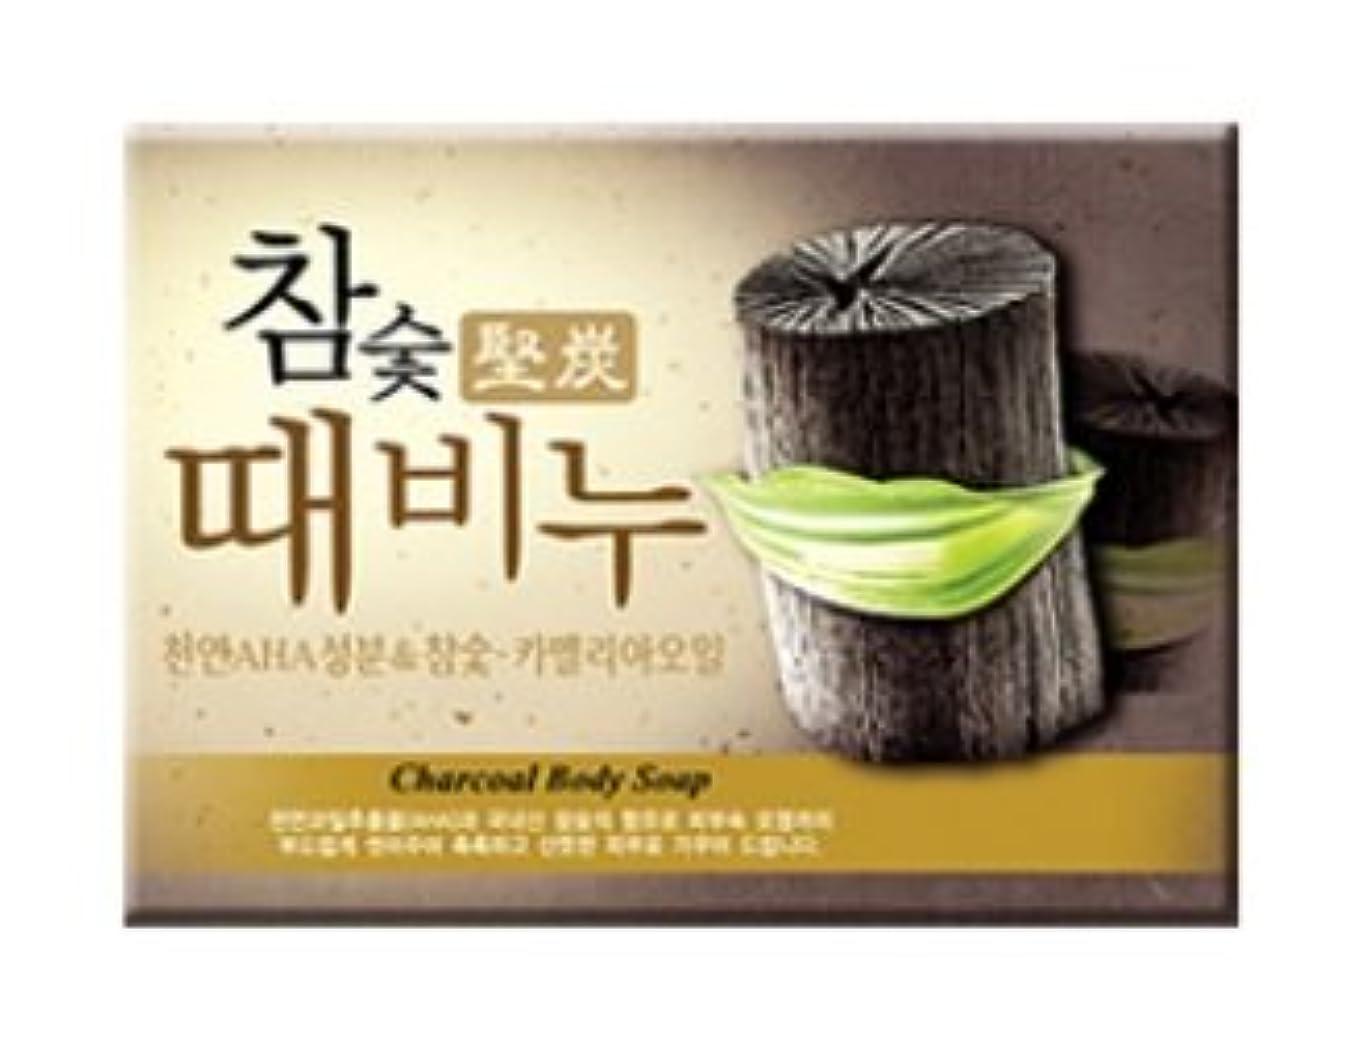 対応する実行する誓う堅炭ソープ 100g / Charcoal Body Soap [並行輸入品]